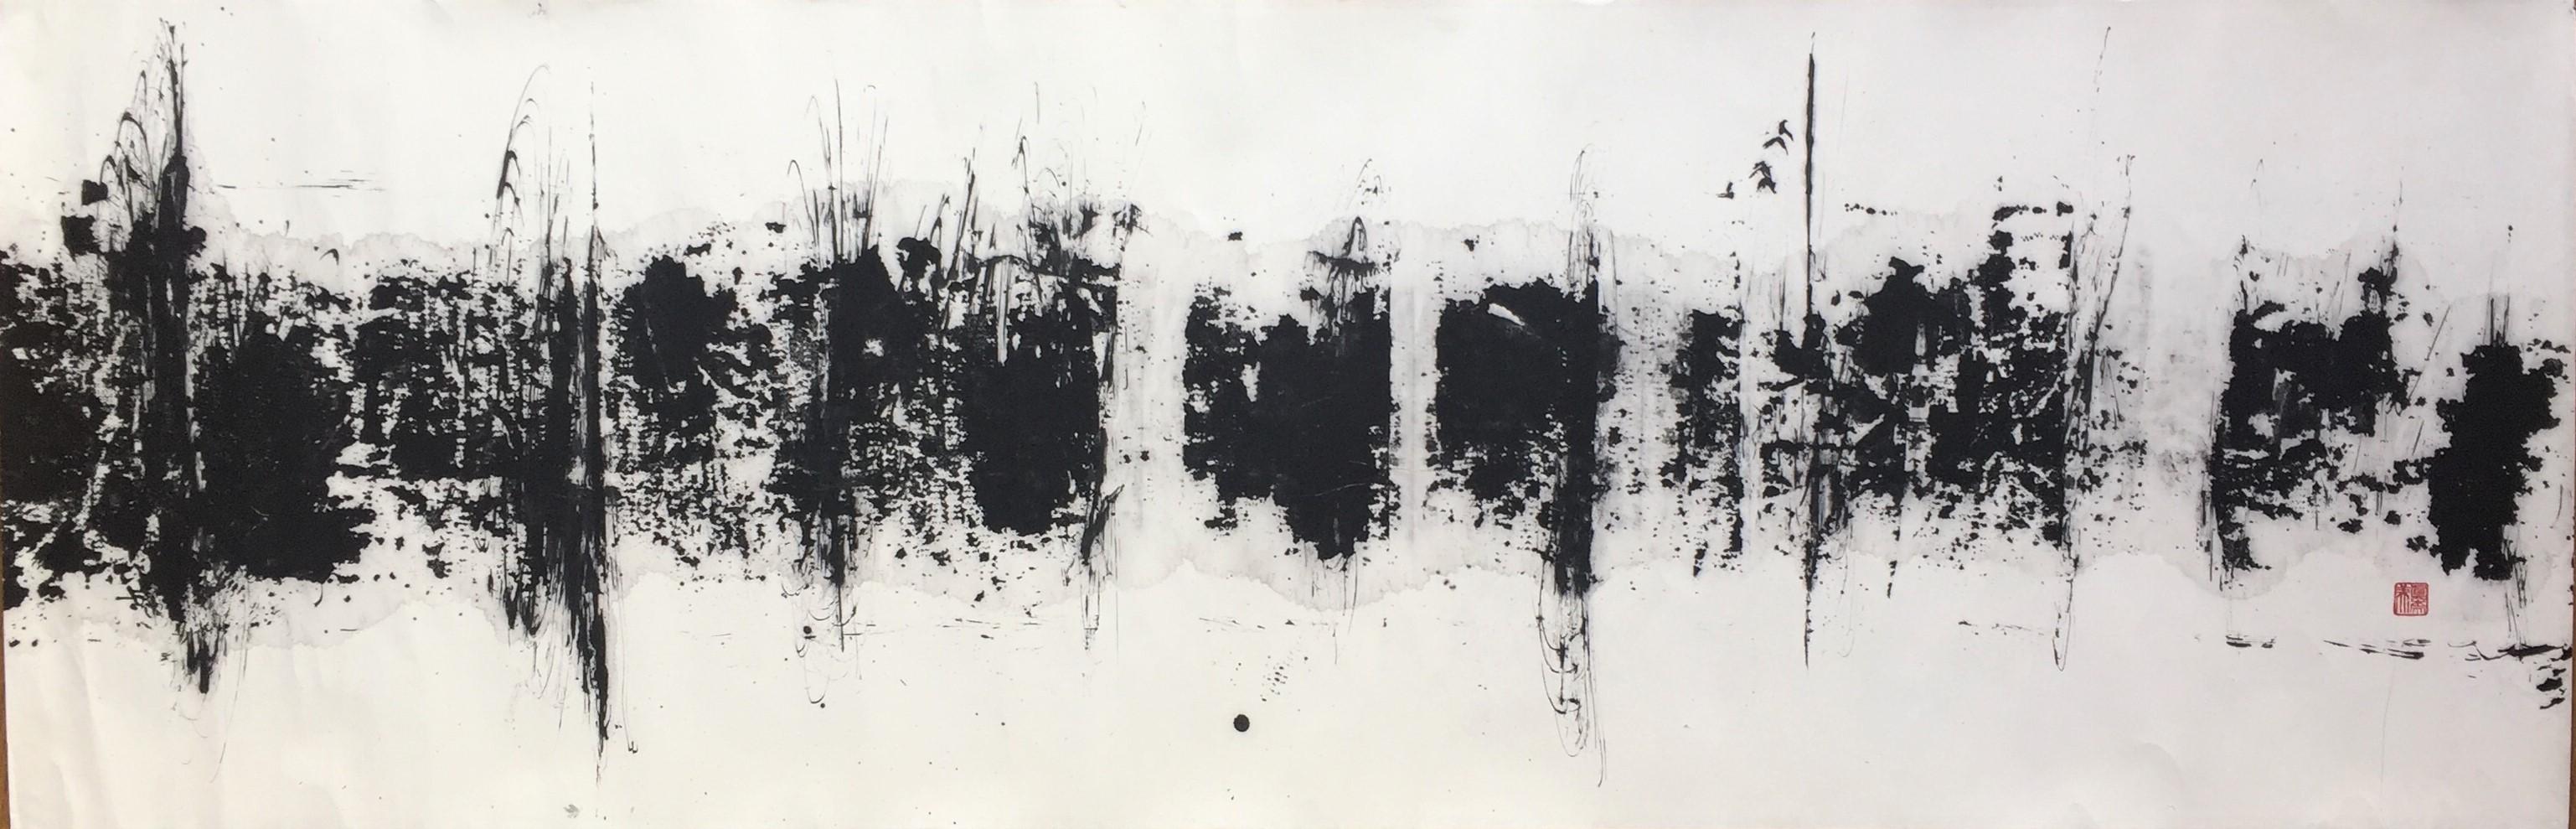 《木漏れ日》 第62回奎星展(2013年)準特選